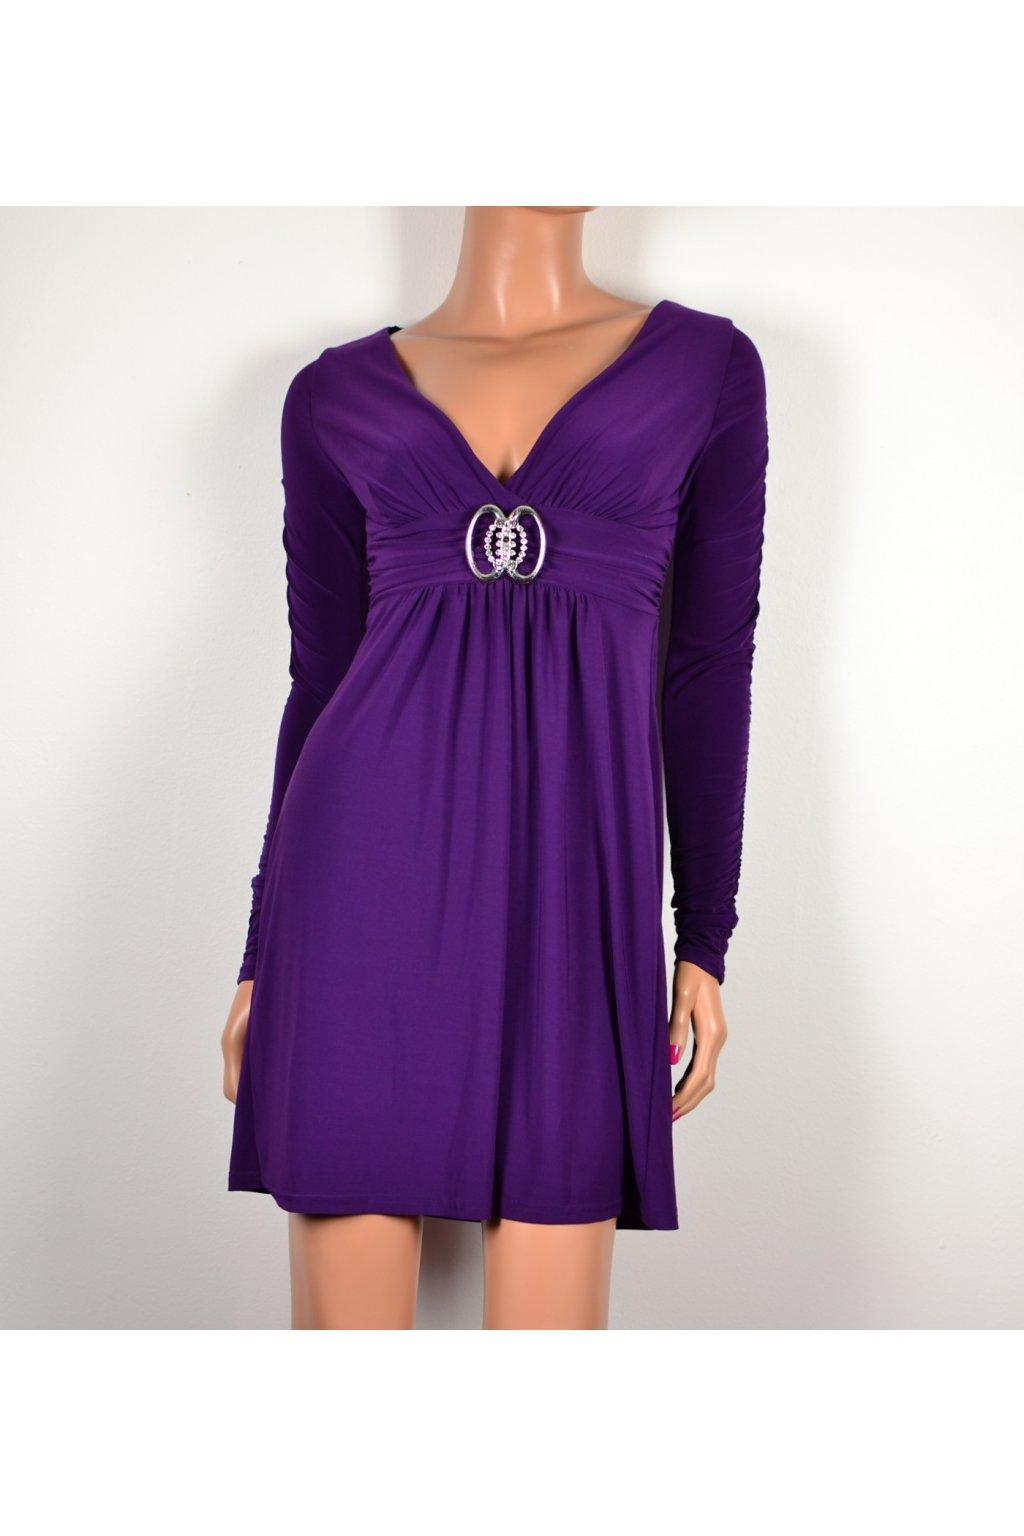 Šaty Melrose vel UK6/XS společenské fialové